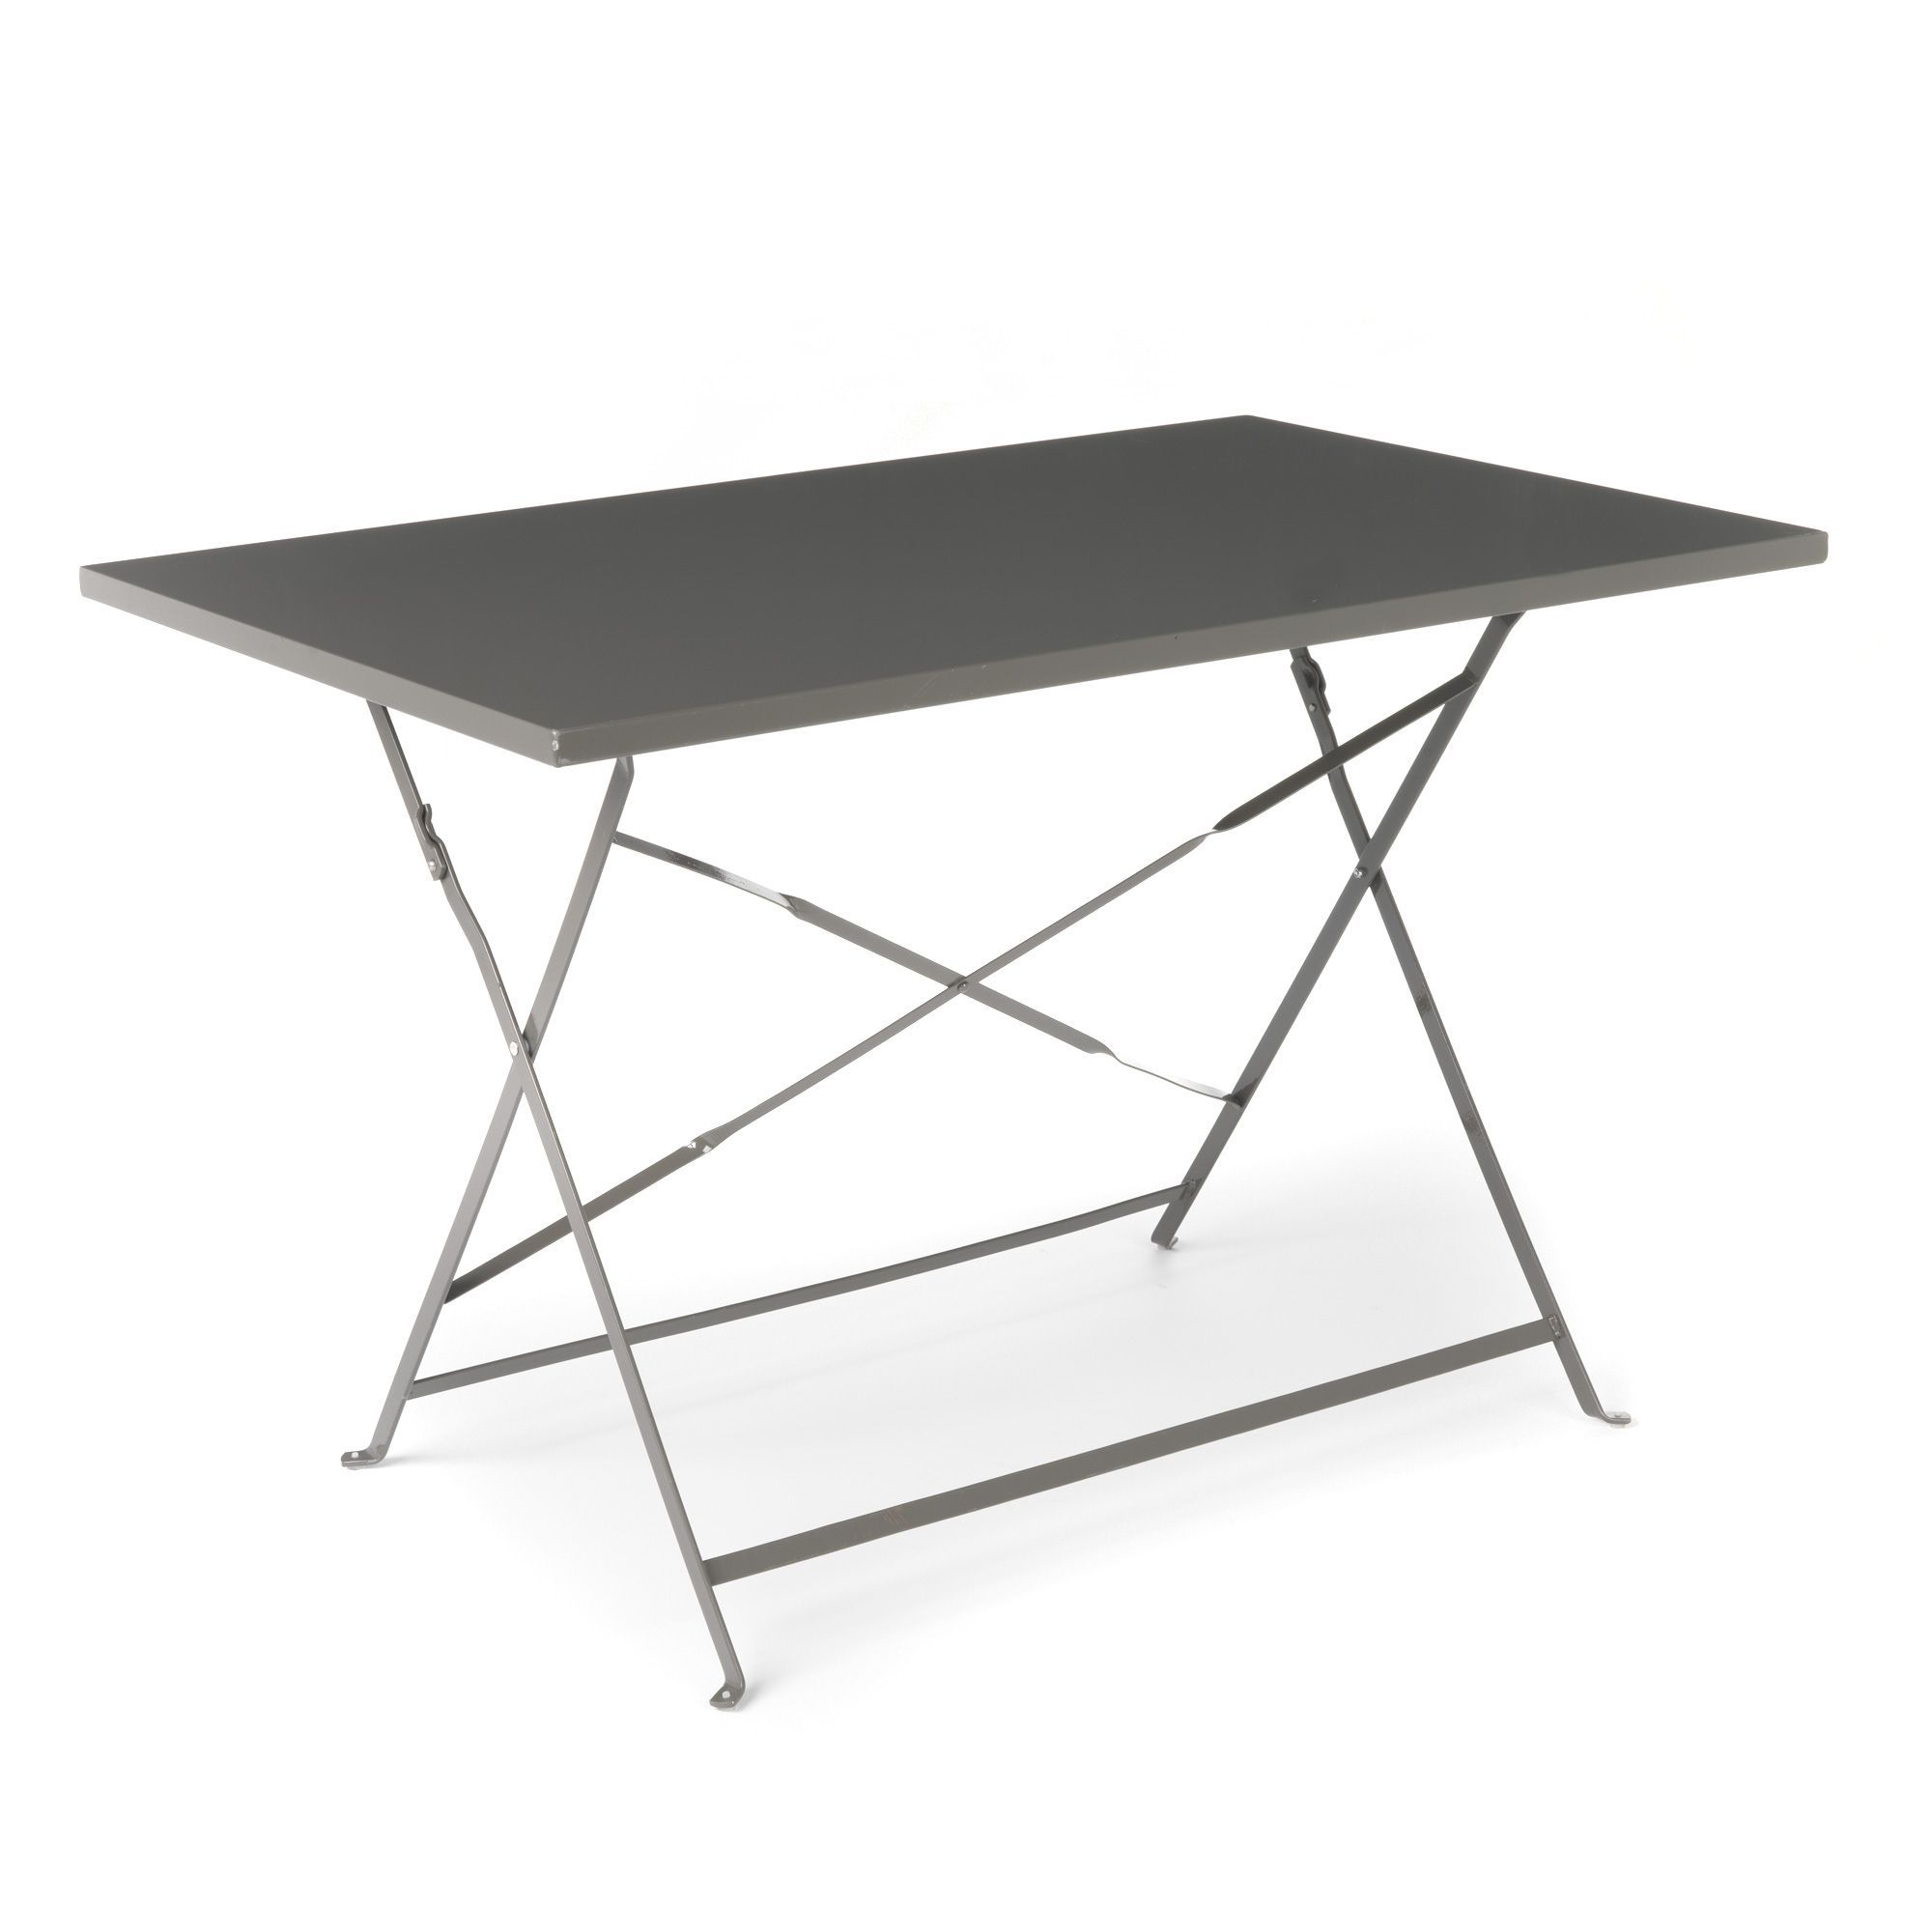 Table De Jardin Terrasse Pliante En Metal Epoxy Taupe Gris